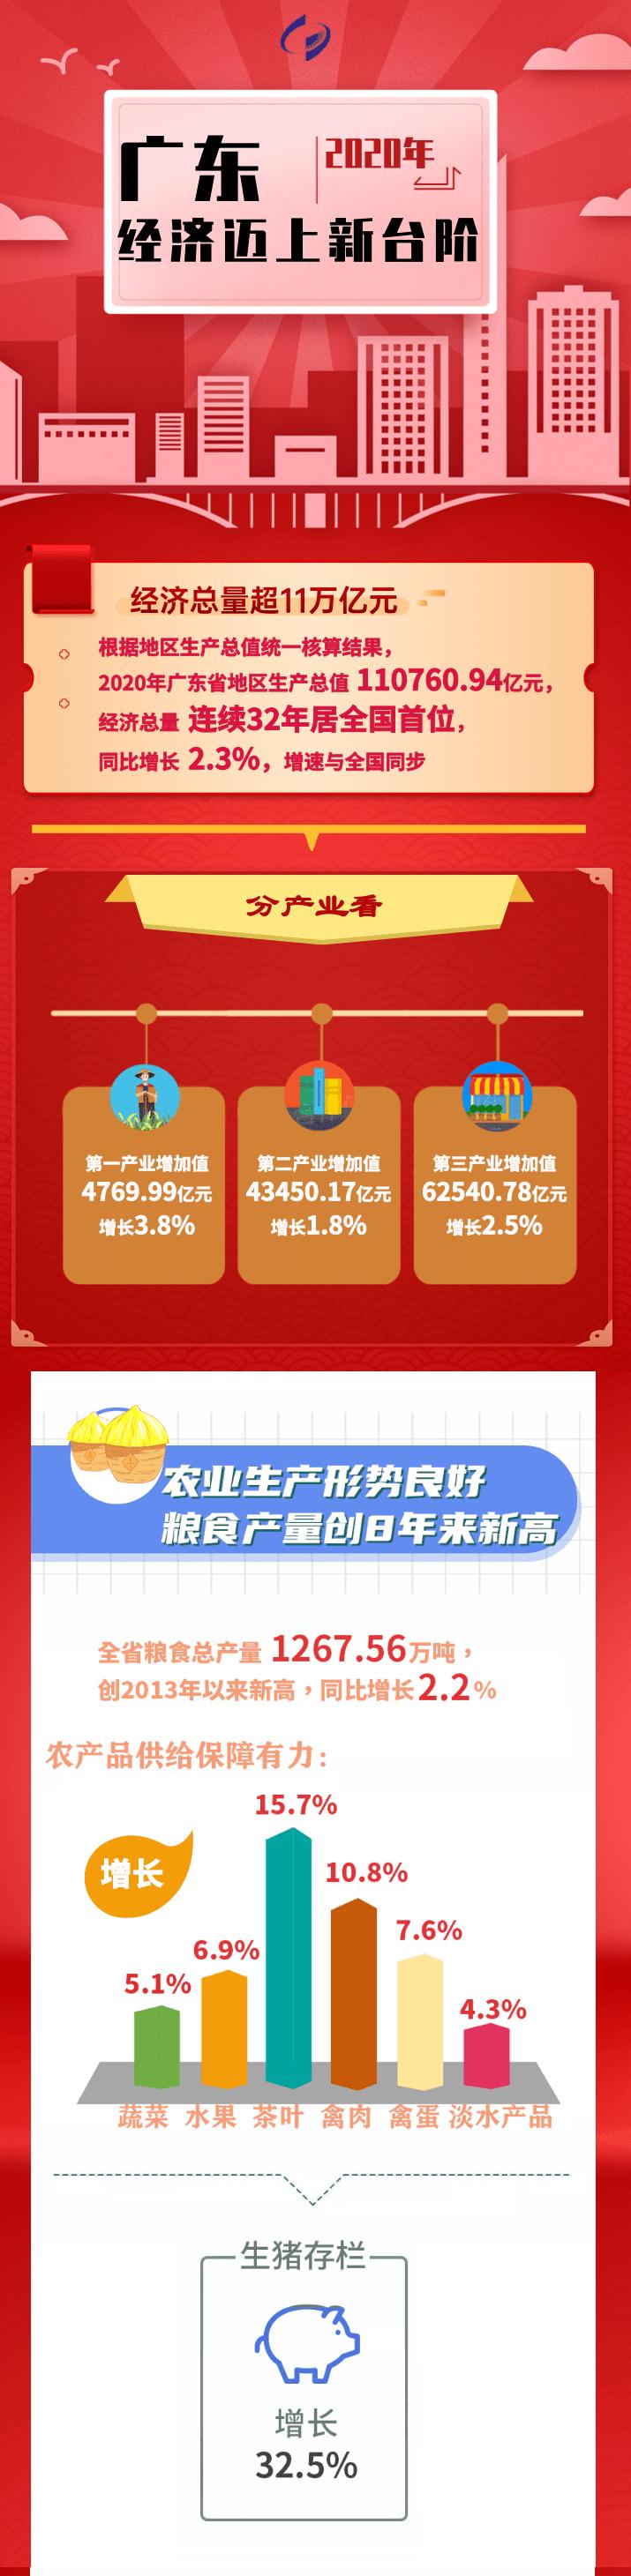 一图看懂2020年广东宏观经济运行情况